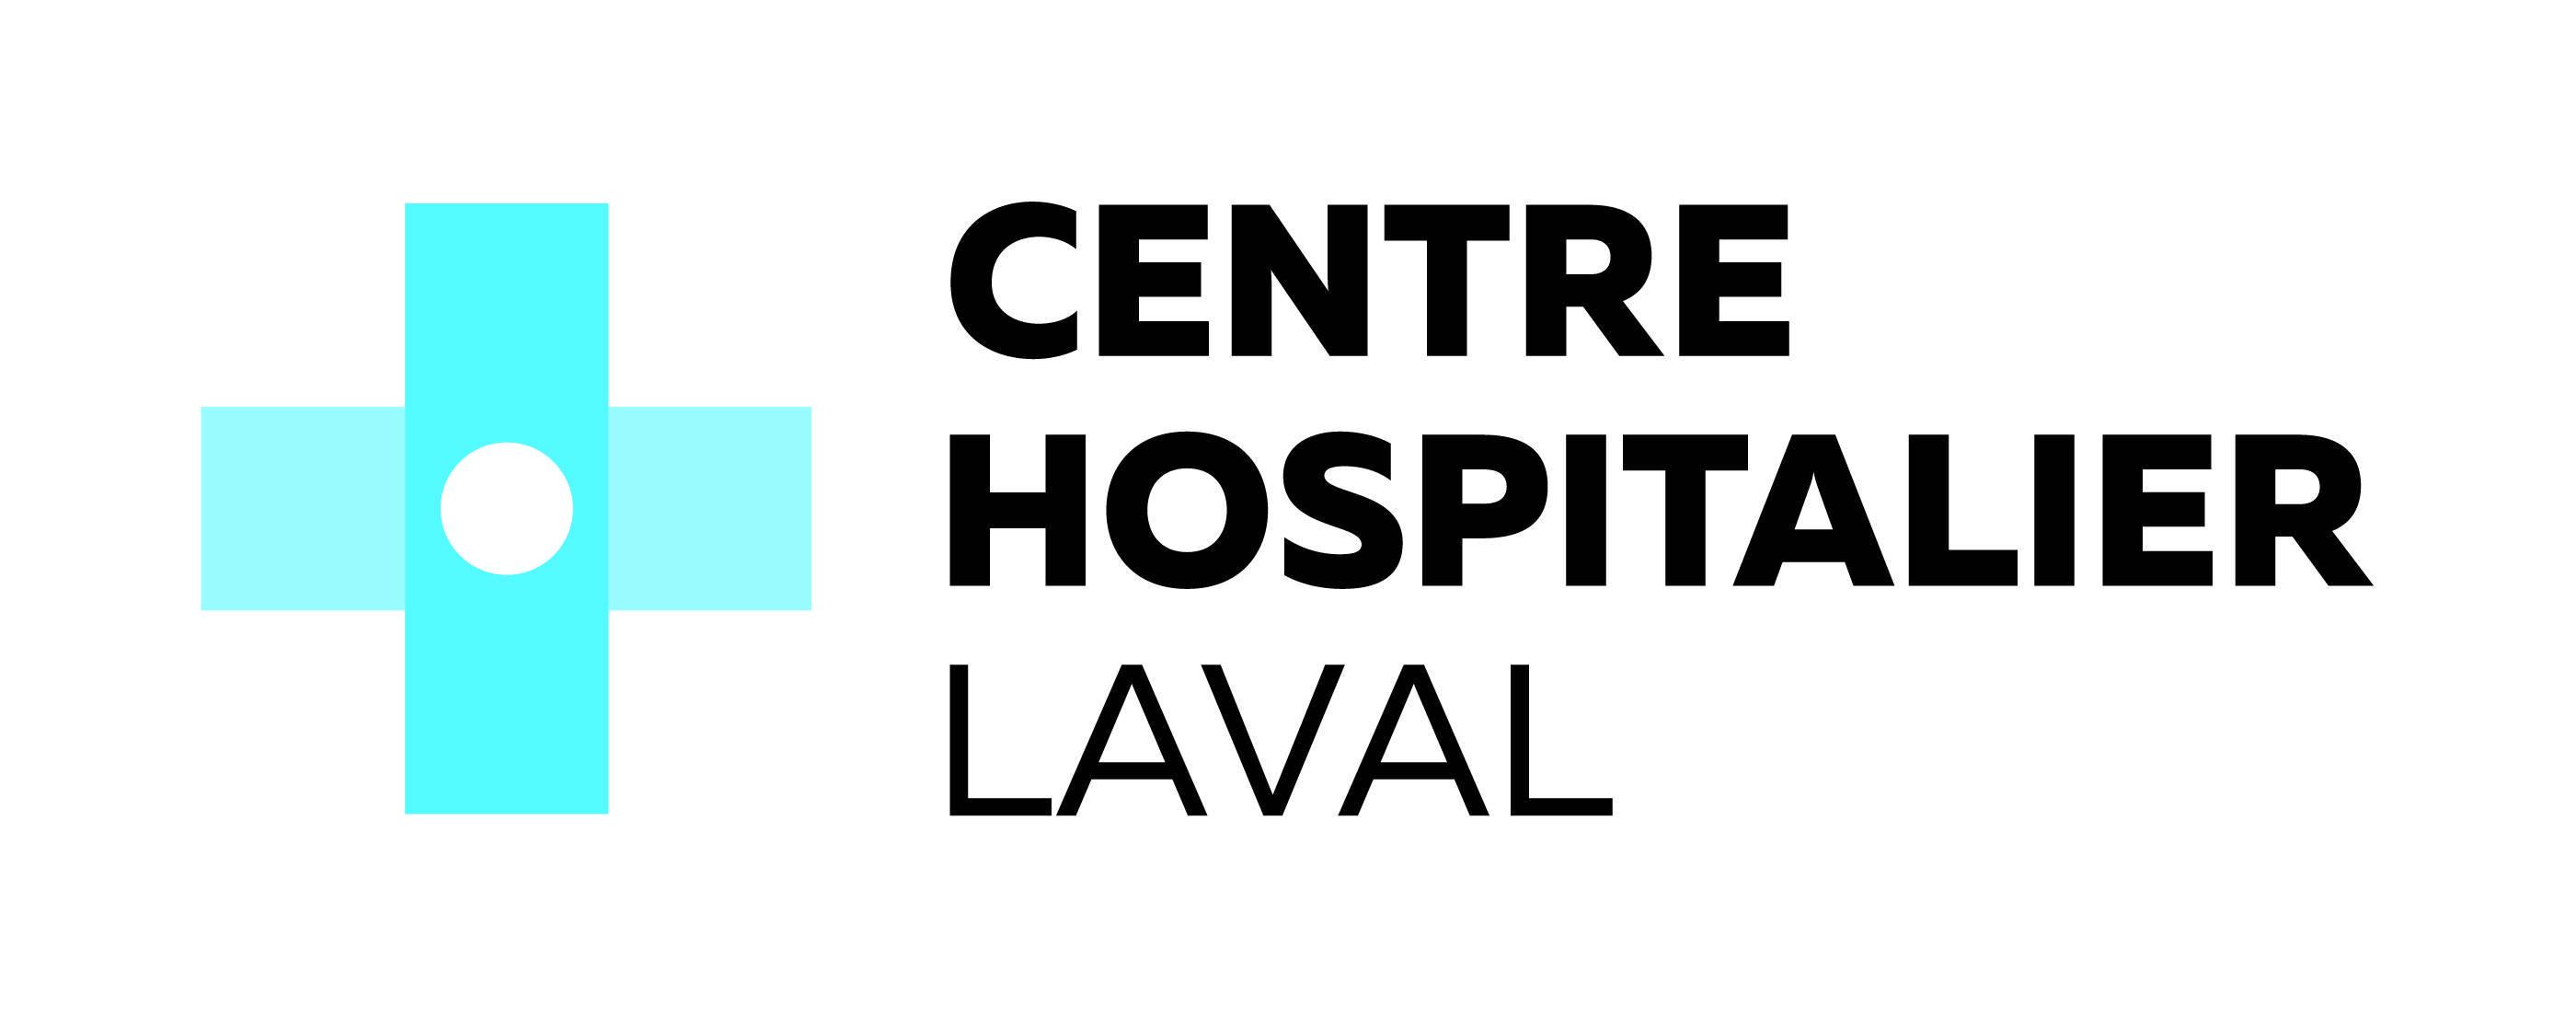 offres d u0026 39 emploi centre hospitalier  laval   u2013 f u00e9d u00e9ration